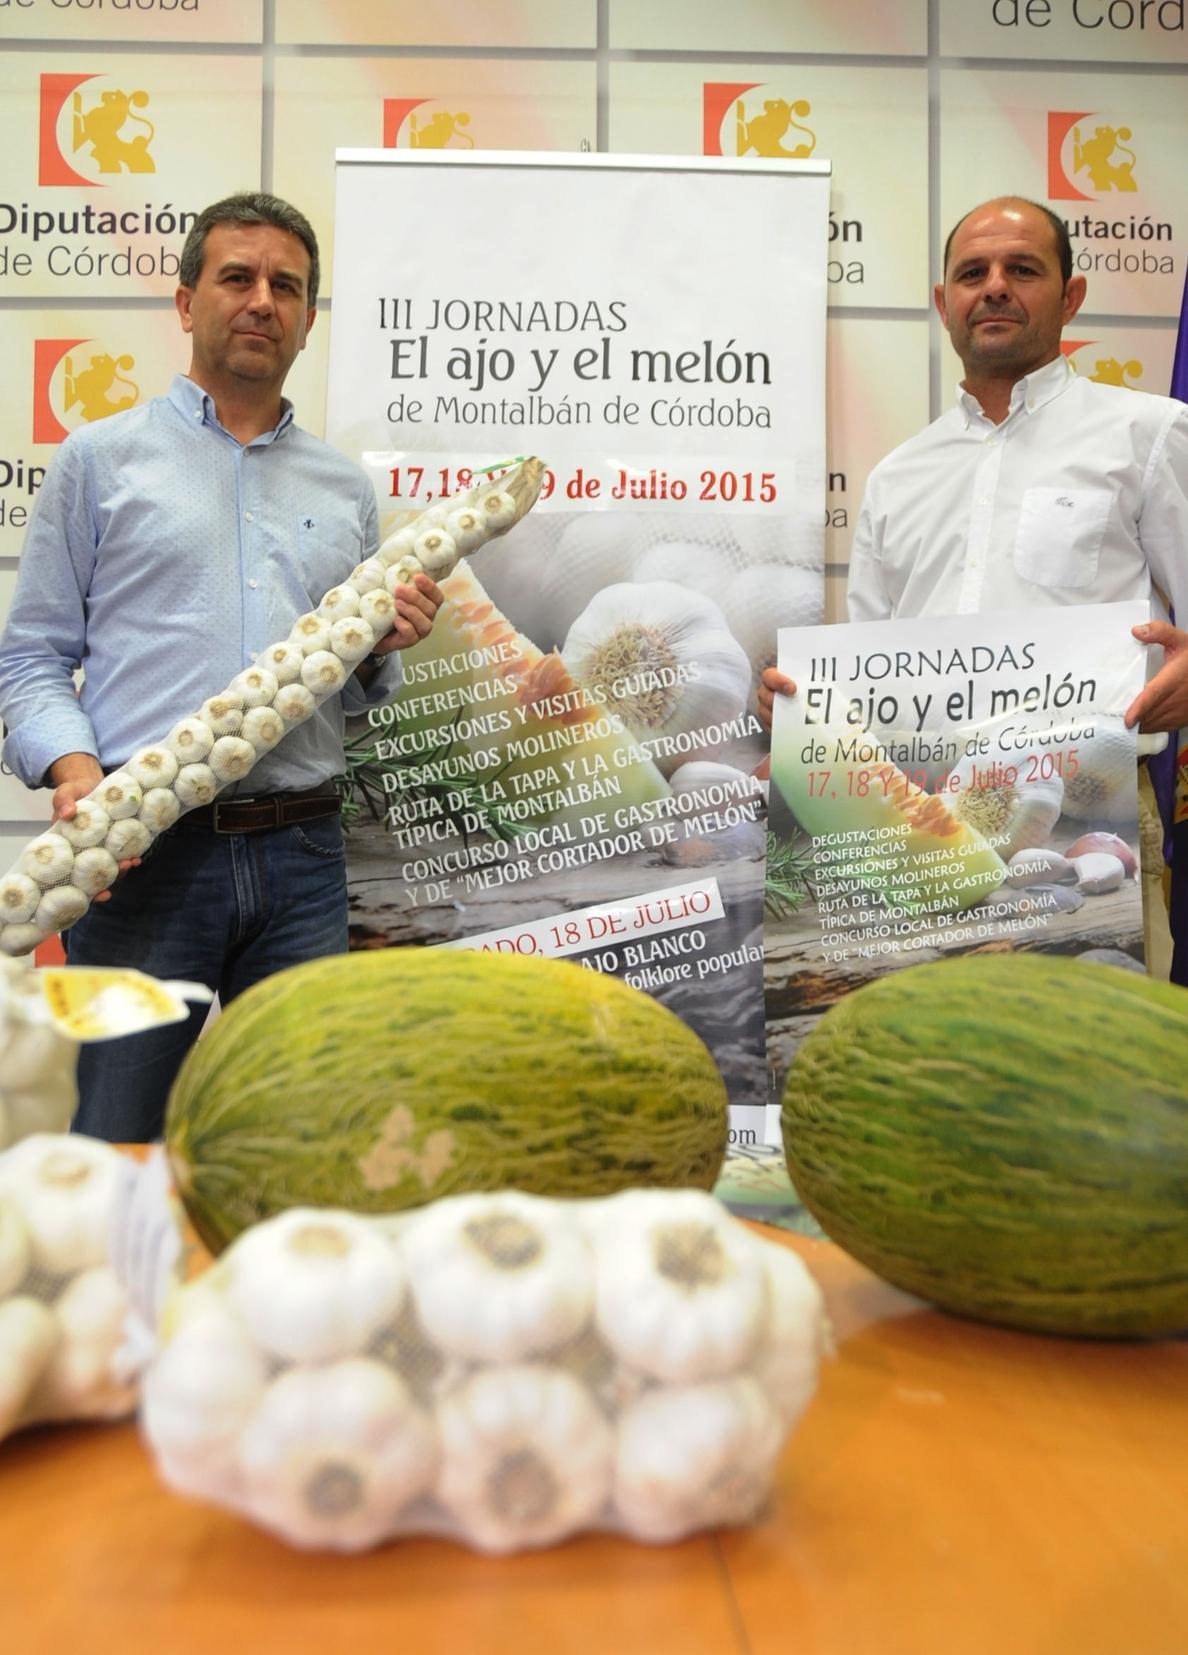 Montalbán promociona desde este viernes en las III Jornadas de »El ajo y el melón» sus dos productos estrella